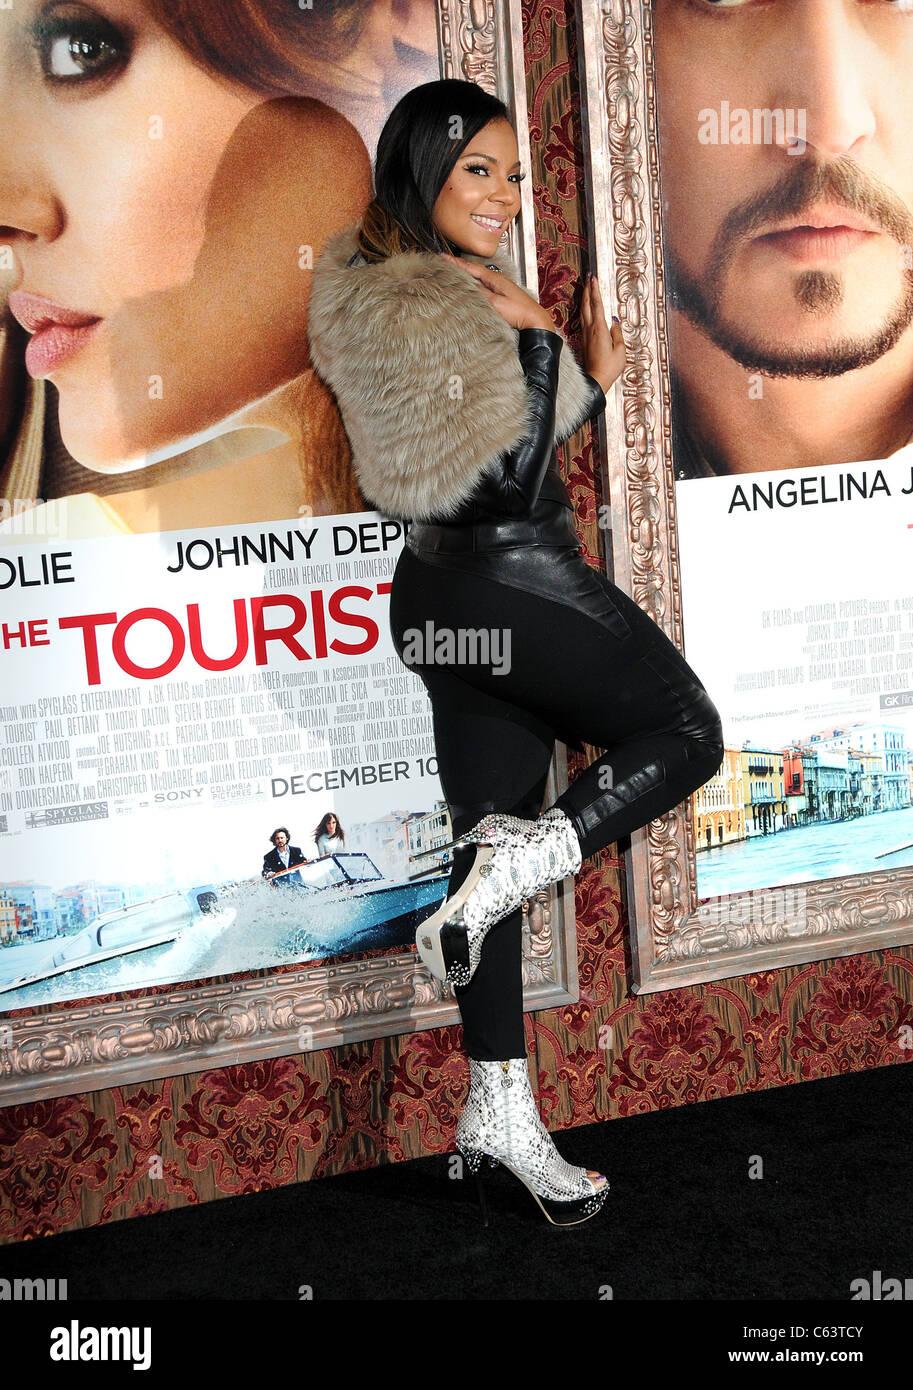 Ashanti presso gli arrivi per il turista Premiere, il Teatro Ziegfeld, New York, NY Dicembre 6, 2010. Foto di: Desiree Immagini Stock